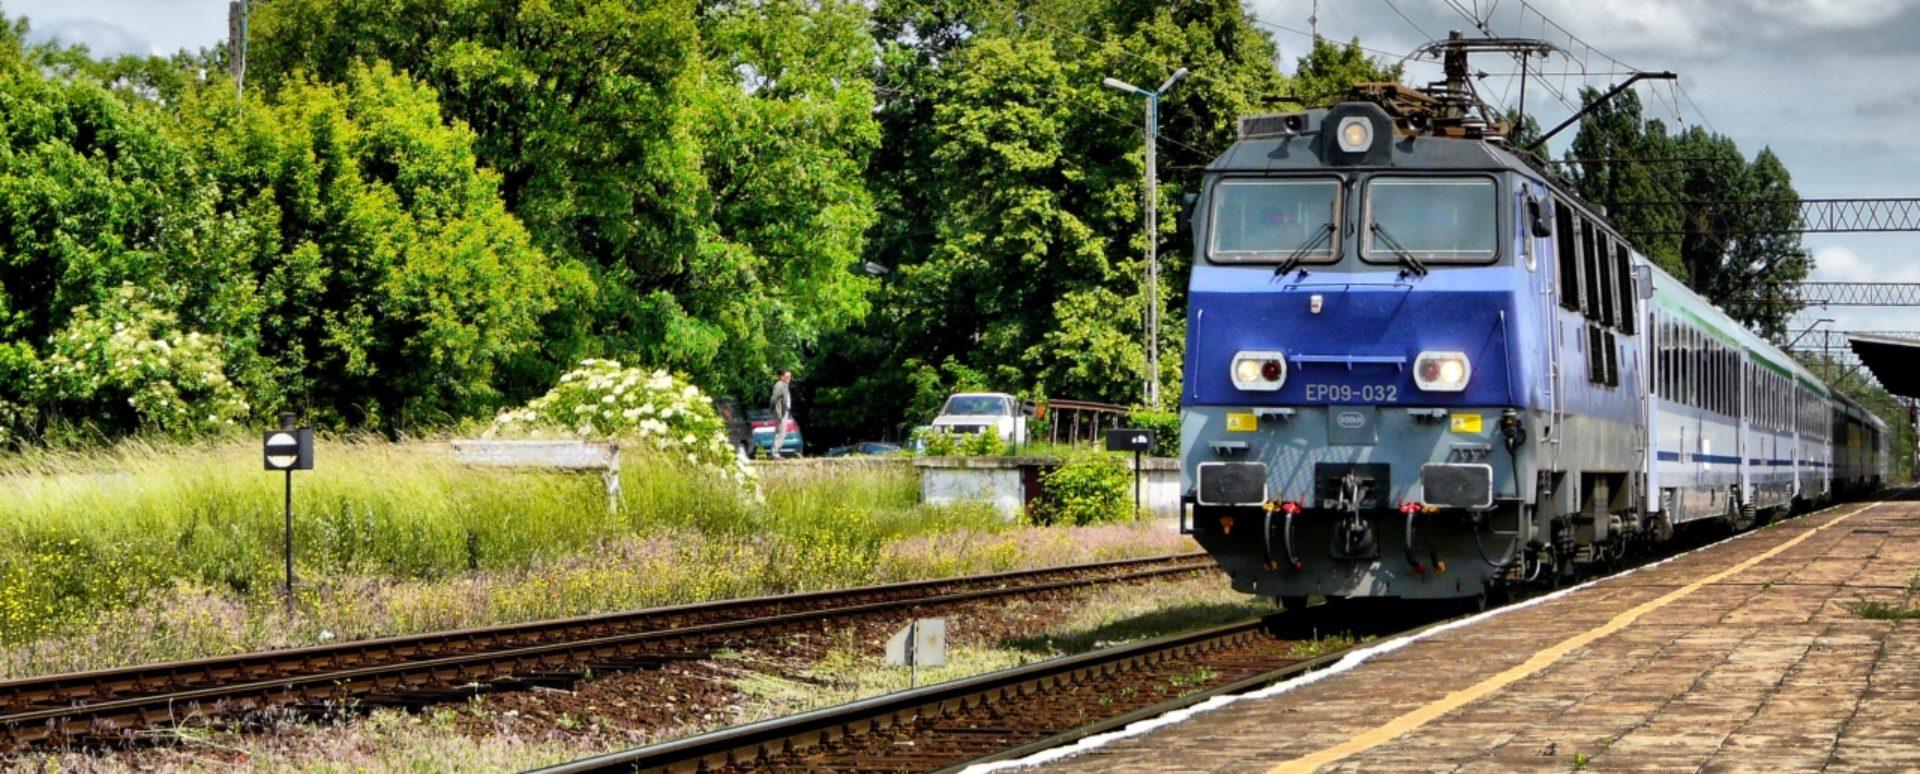 Kolejowa Dokumentacja Techniczna | Odbiory techniczne pojazdów kolejowych